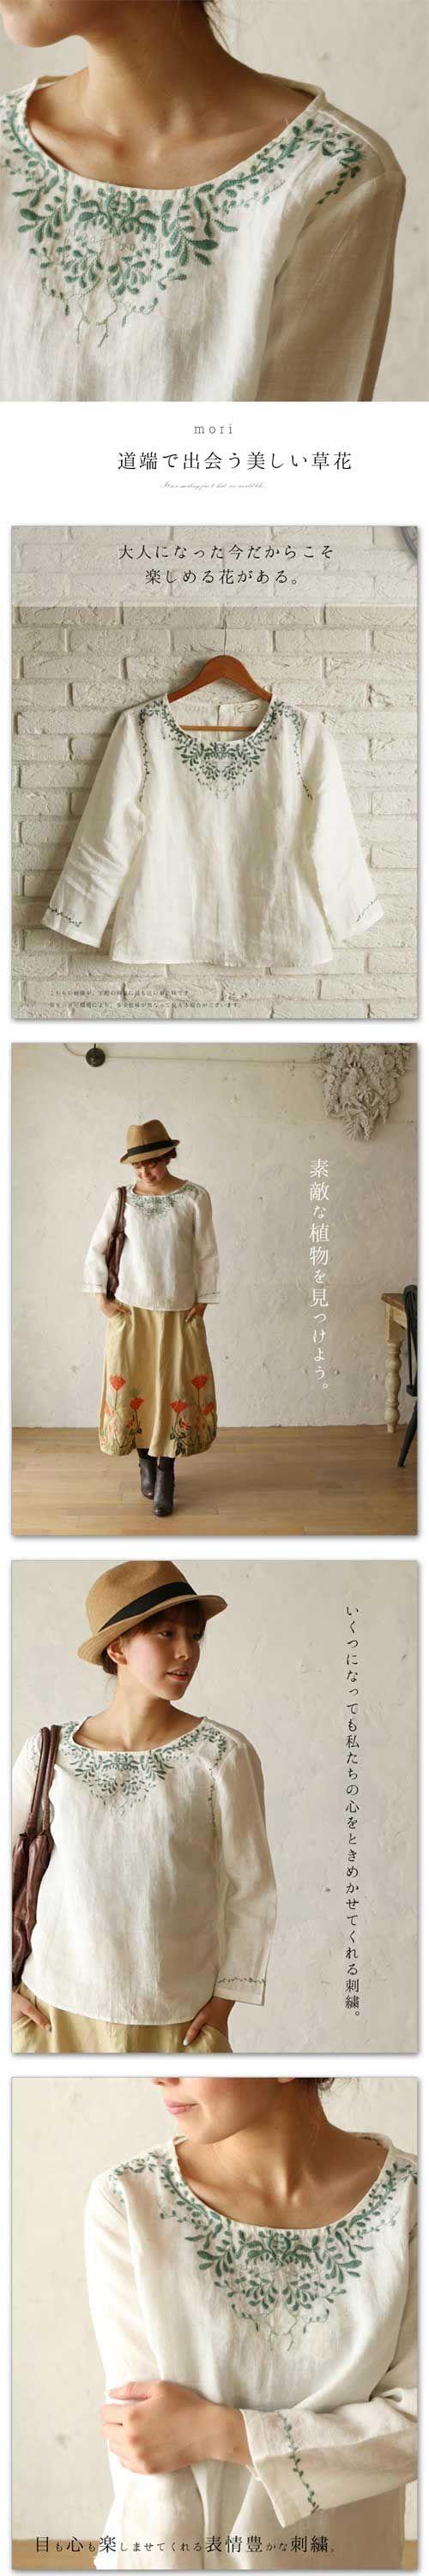 。【再入荷♪3月5日12時&22時より】「mori」道端で出会う美しい草花トップス